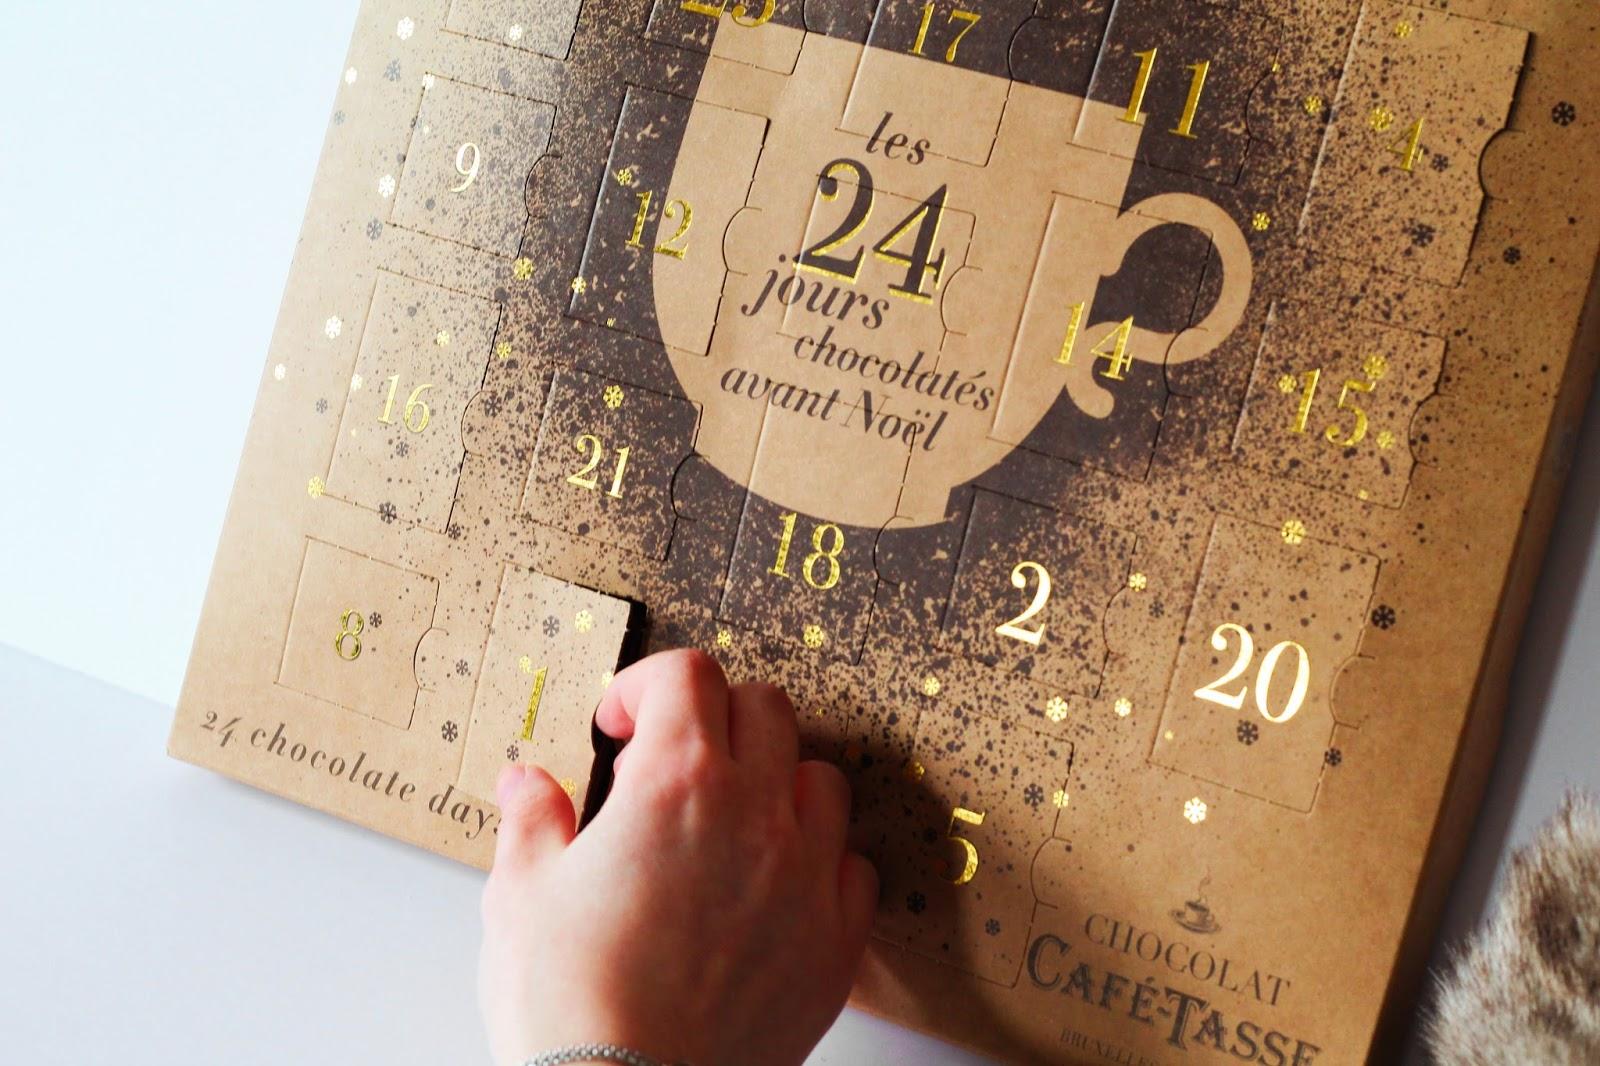 concours calendrier de l'avent noel christmas xmas chocolat belge café tasse café-tasse à gagner gourmand gourmandises connaisseurs les gommettes de melo gommette tentez votre chance gratuit léonidas leonidas gianduja amoureux couple